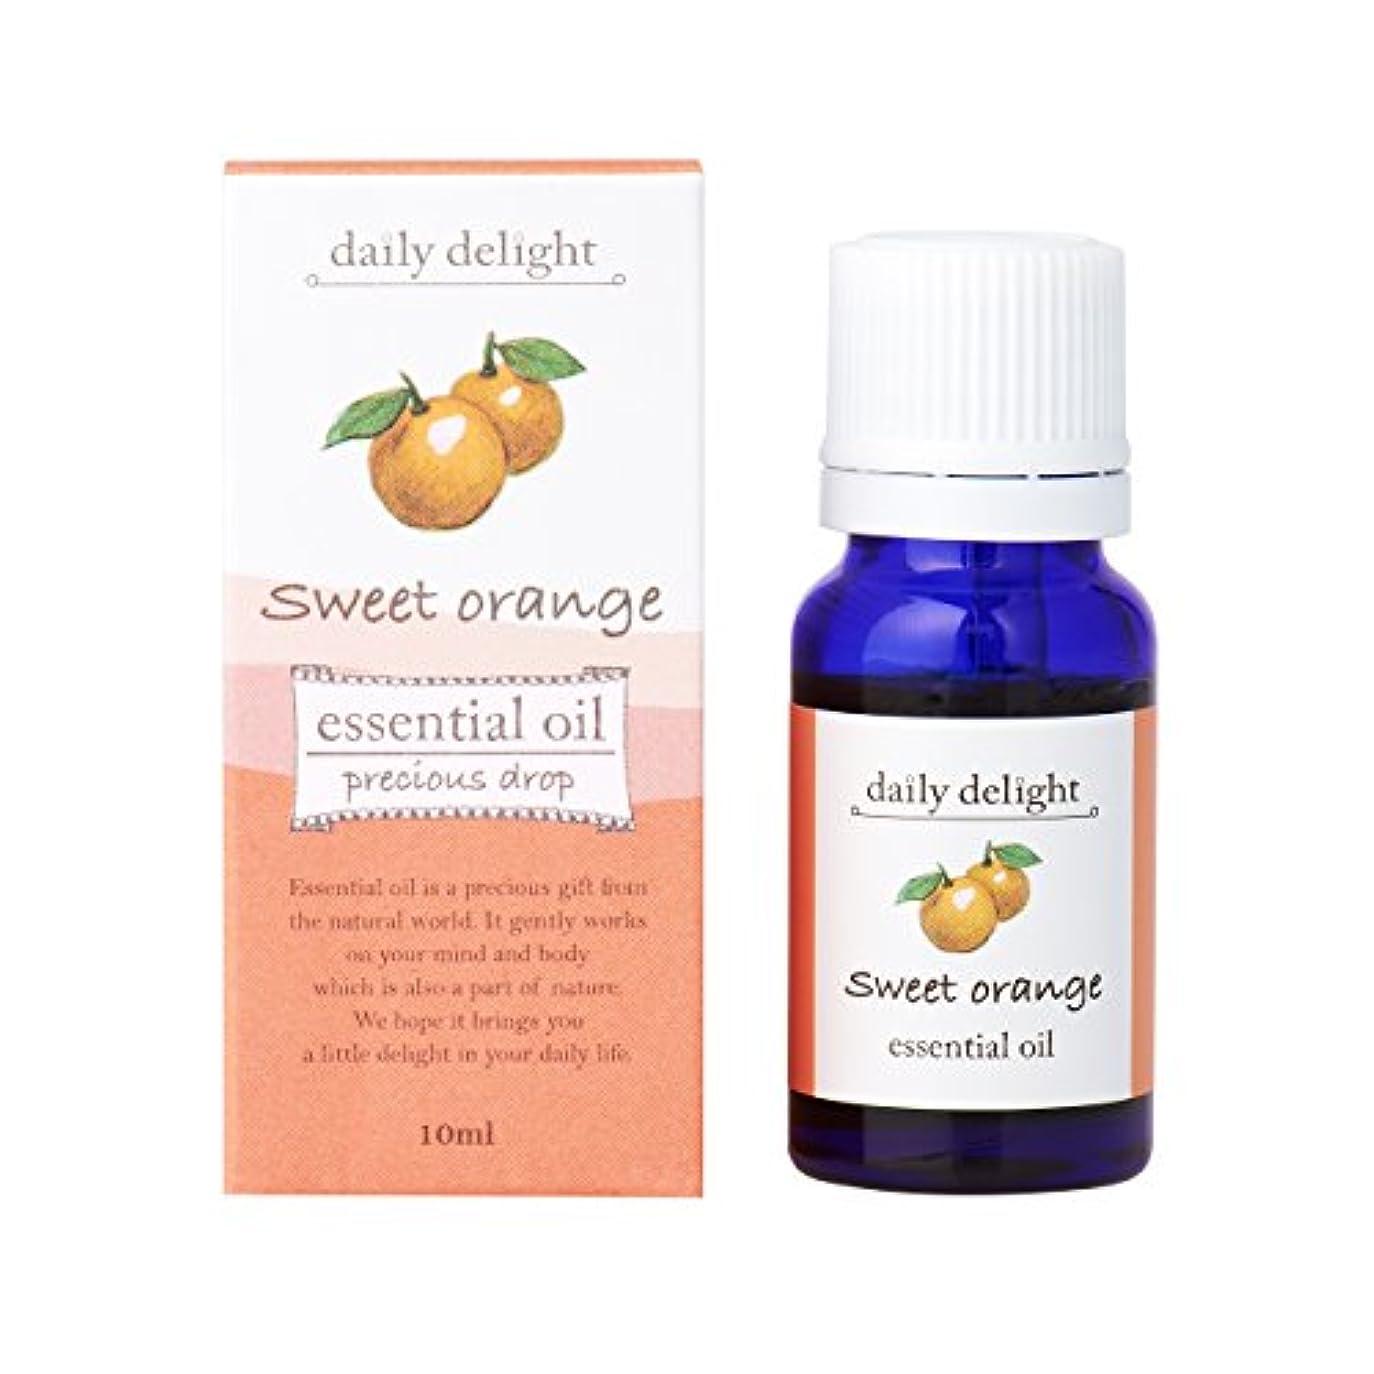 認知反発発表するデイリーディライト エッセンシャルオイル  スイートオレンジ 10ml(天然100% 精油 アロマ 柑橘系 フルーティで甘く爽やかな香り)